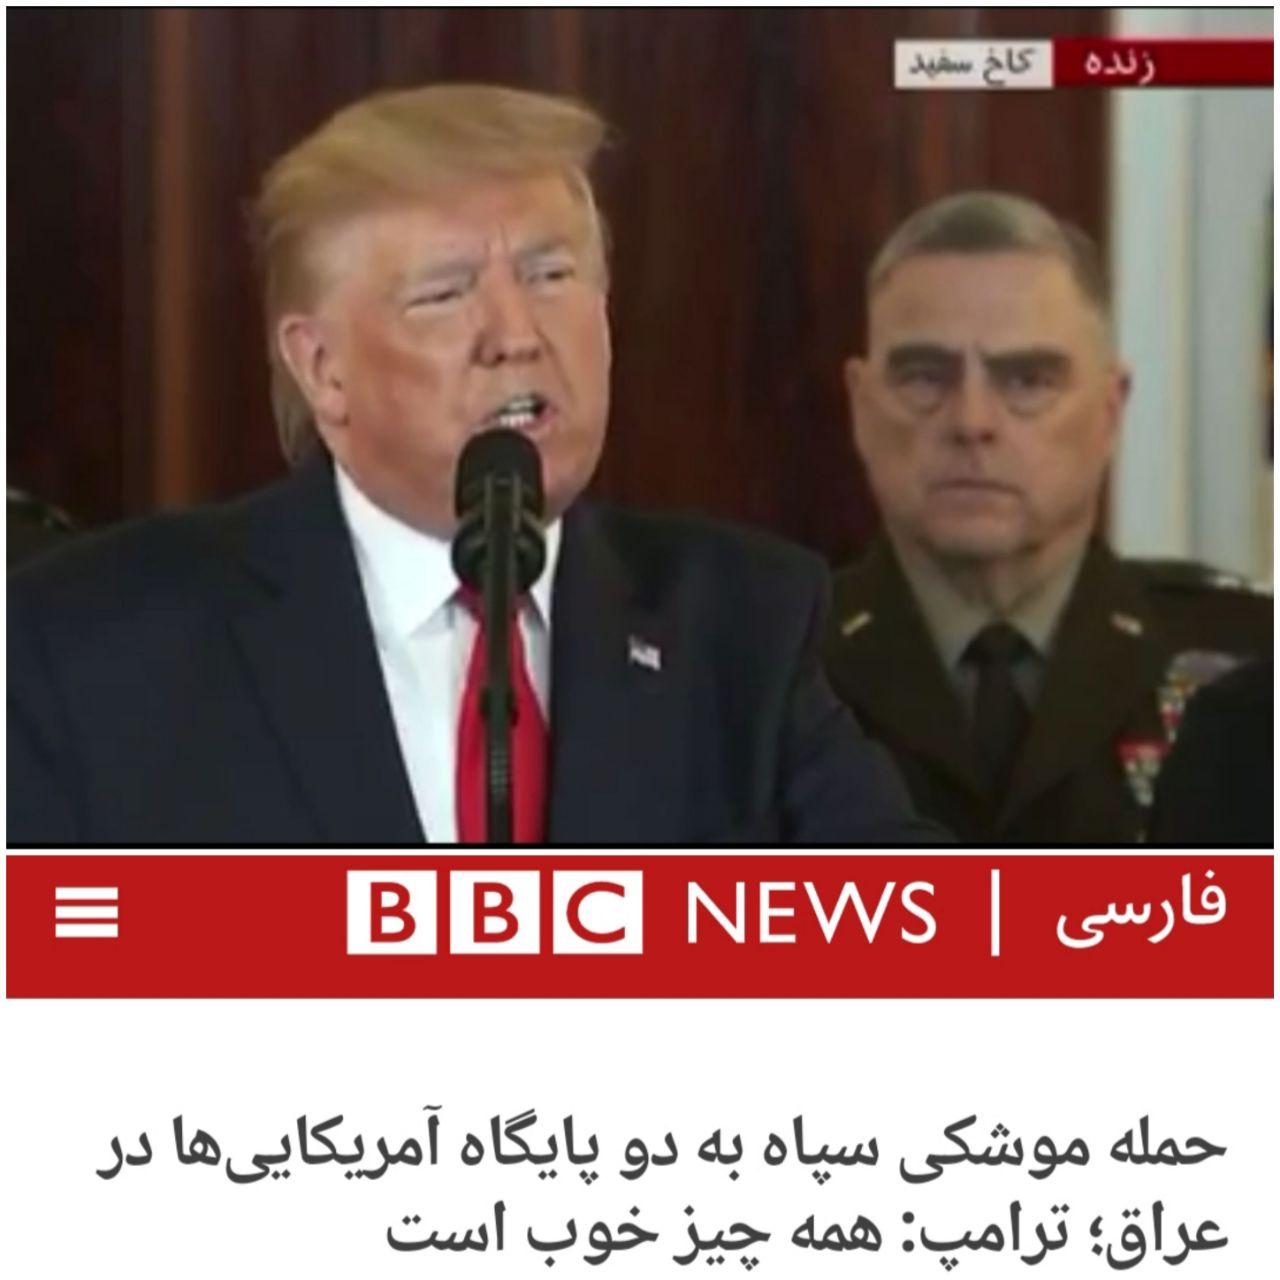  سپاه به شوی صلح طلبی ترامپ توجه نکند !